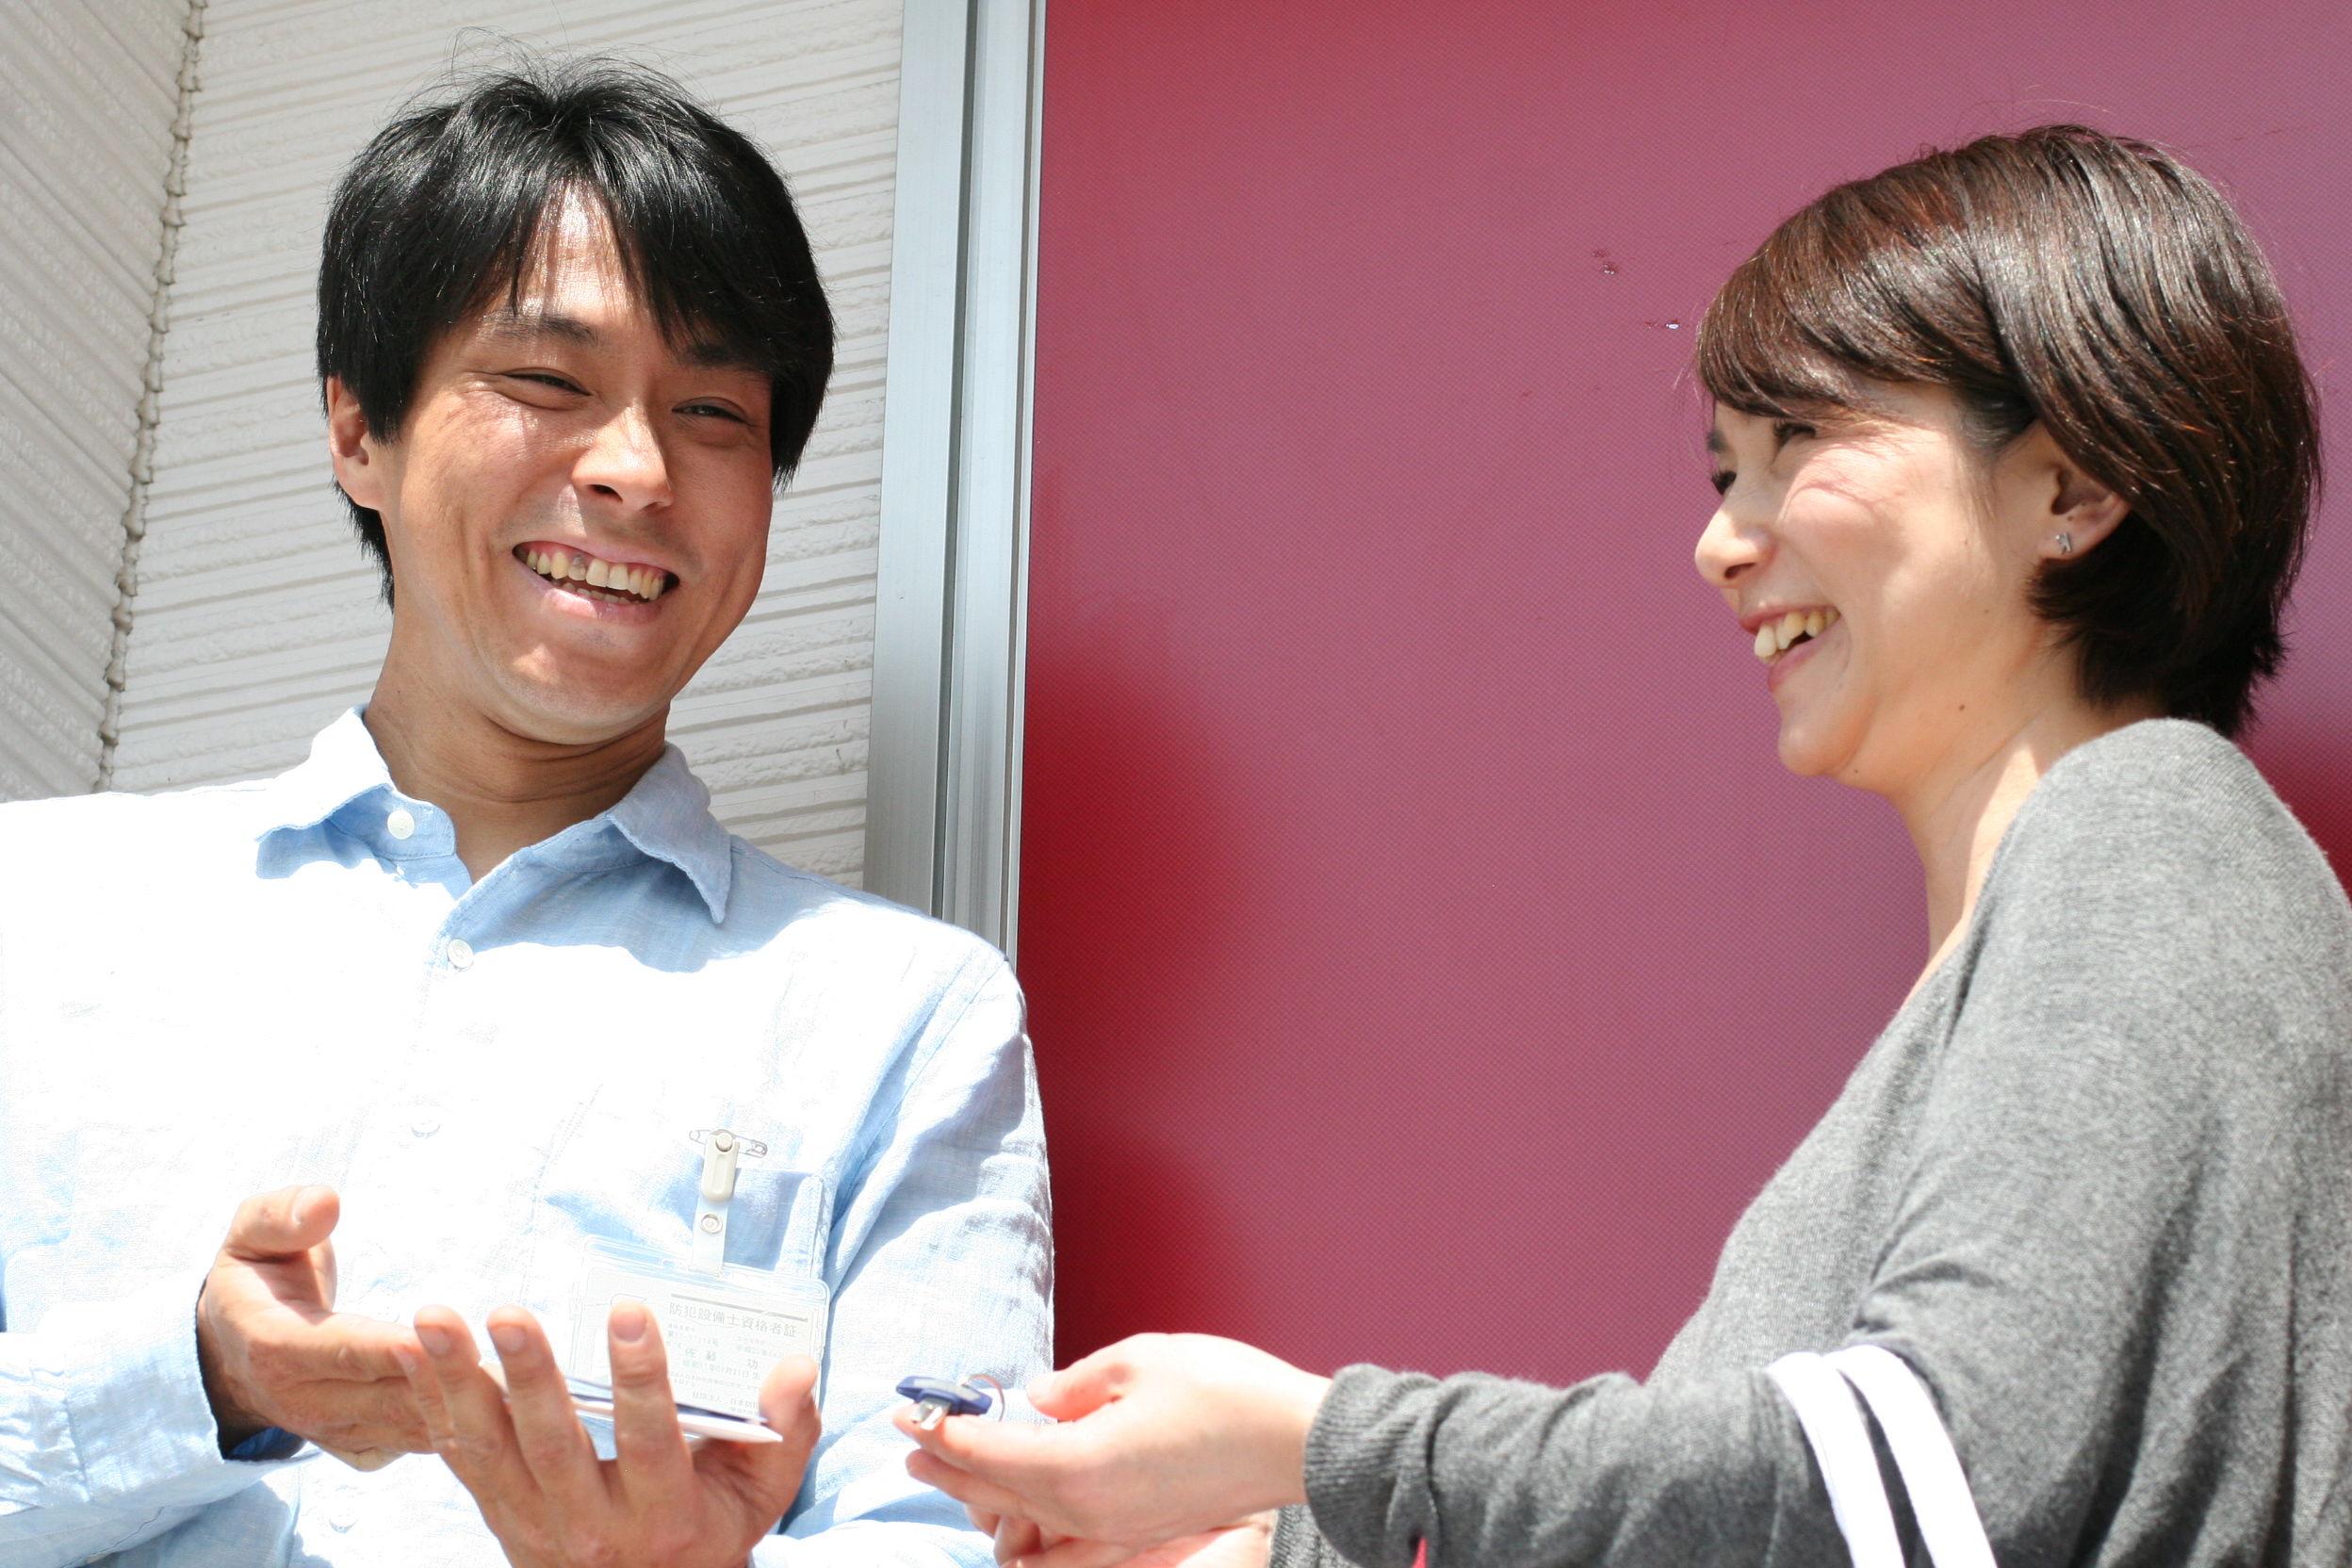 鍵のトラブル救急車【仙台市泉区 出張エリア】のメイン画像